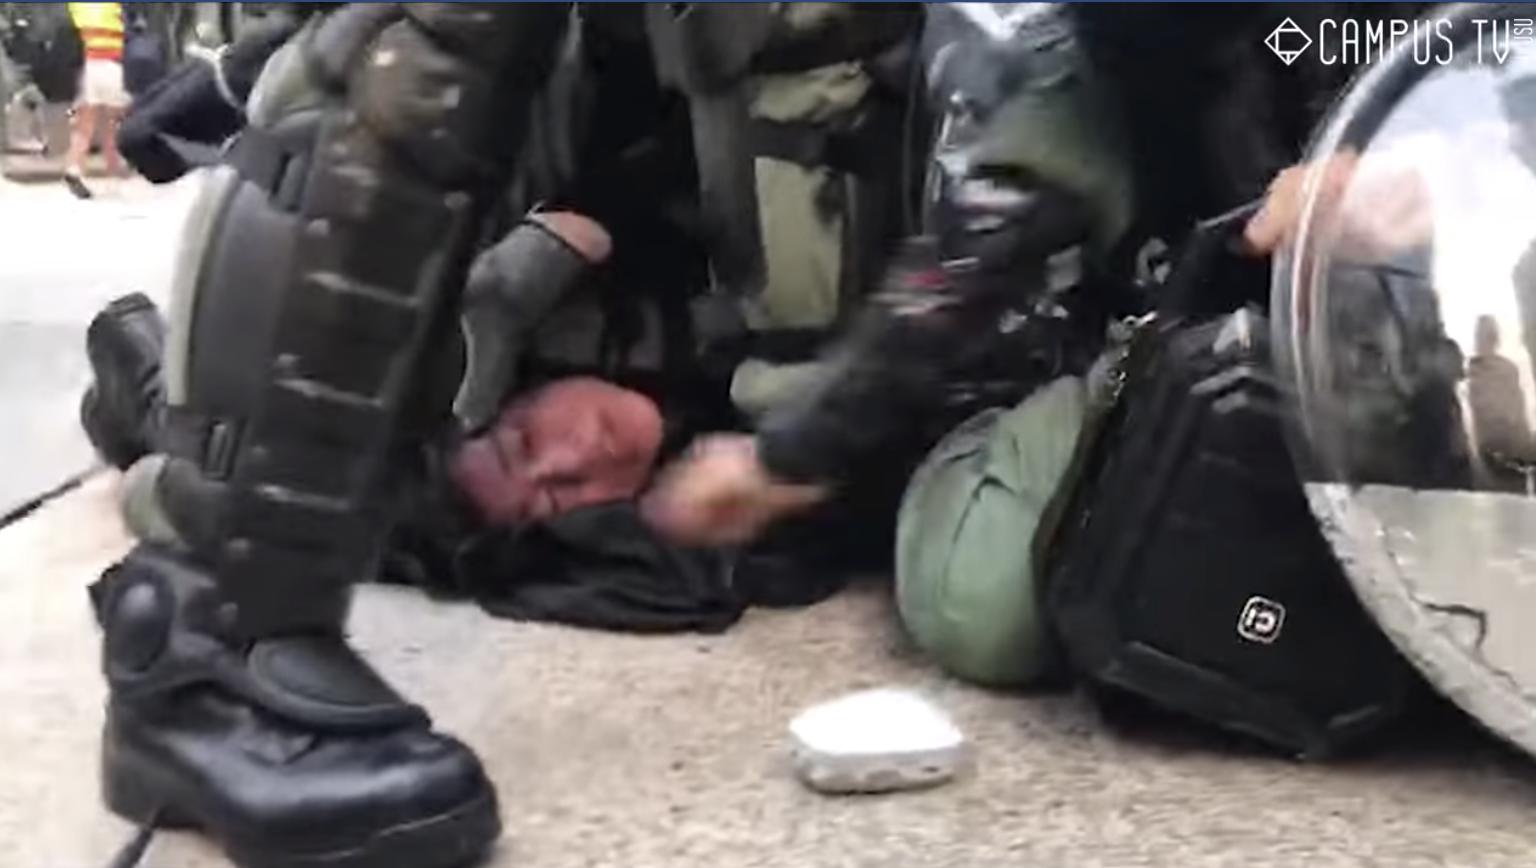 一段視頻顯示929反極權遊行時,香港警察無節制的對一名抗爭者濫施暴力,引發眾怒和譴責。(視頻截圖)